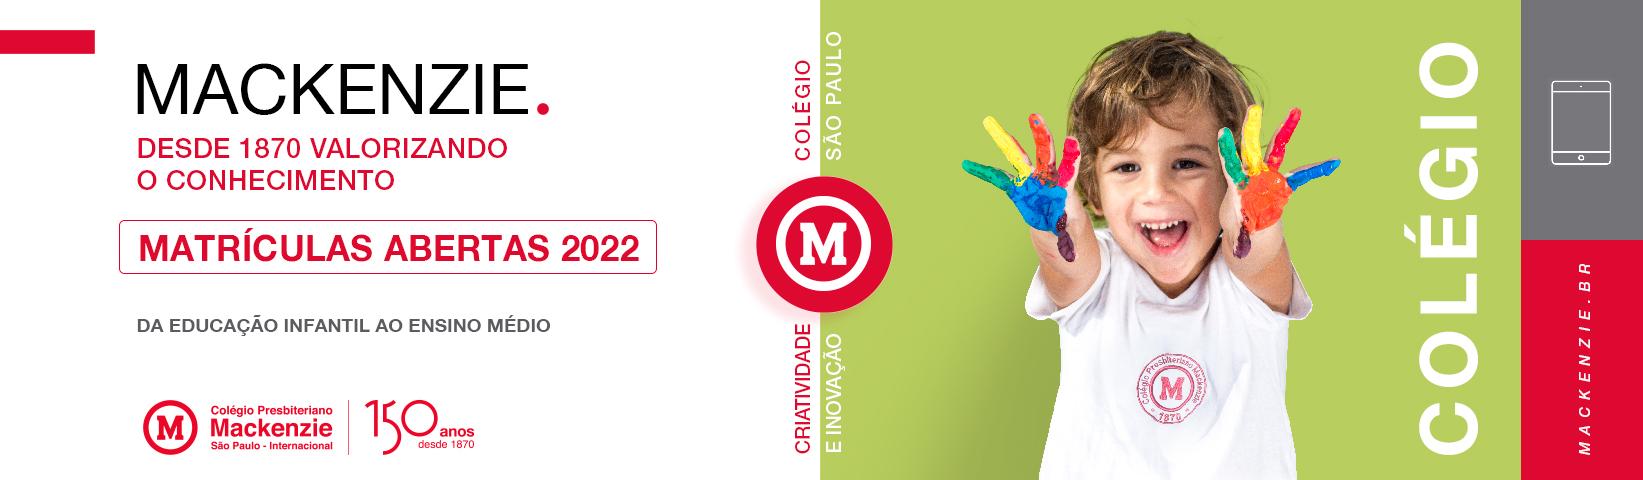 Colégio Presbiteriano Mackenzie São Paulo. Matrículas Abertas 2022. Mackenzie. Desde 1870 valorizando o conhecimento